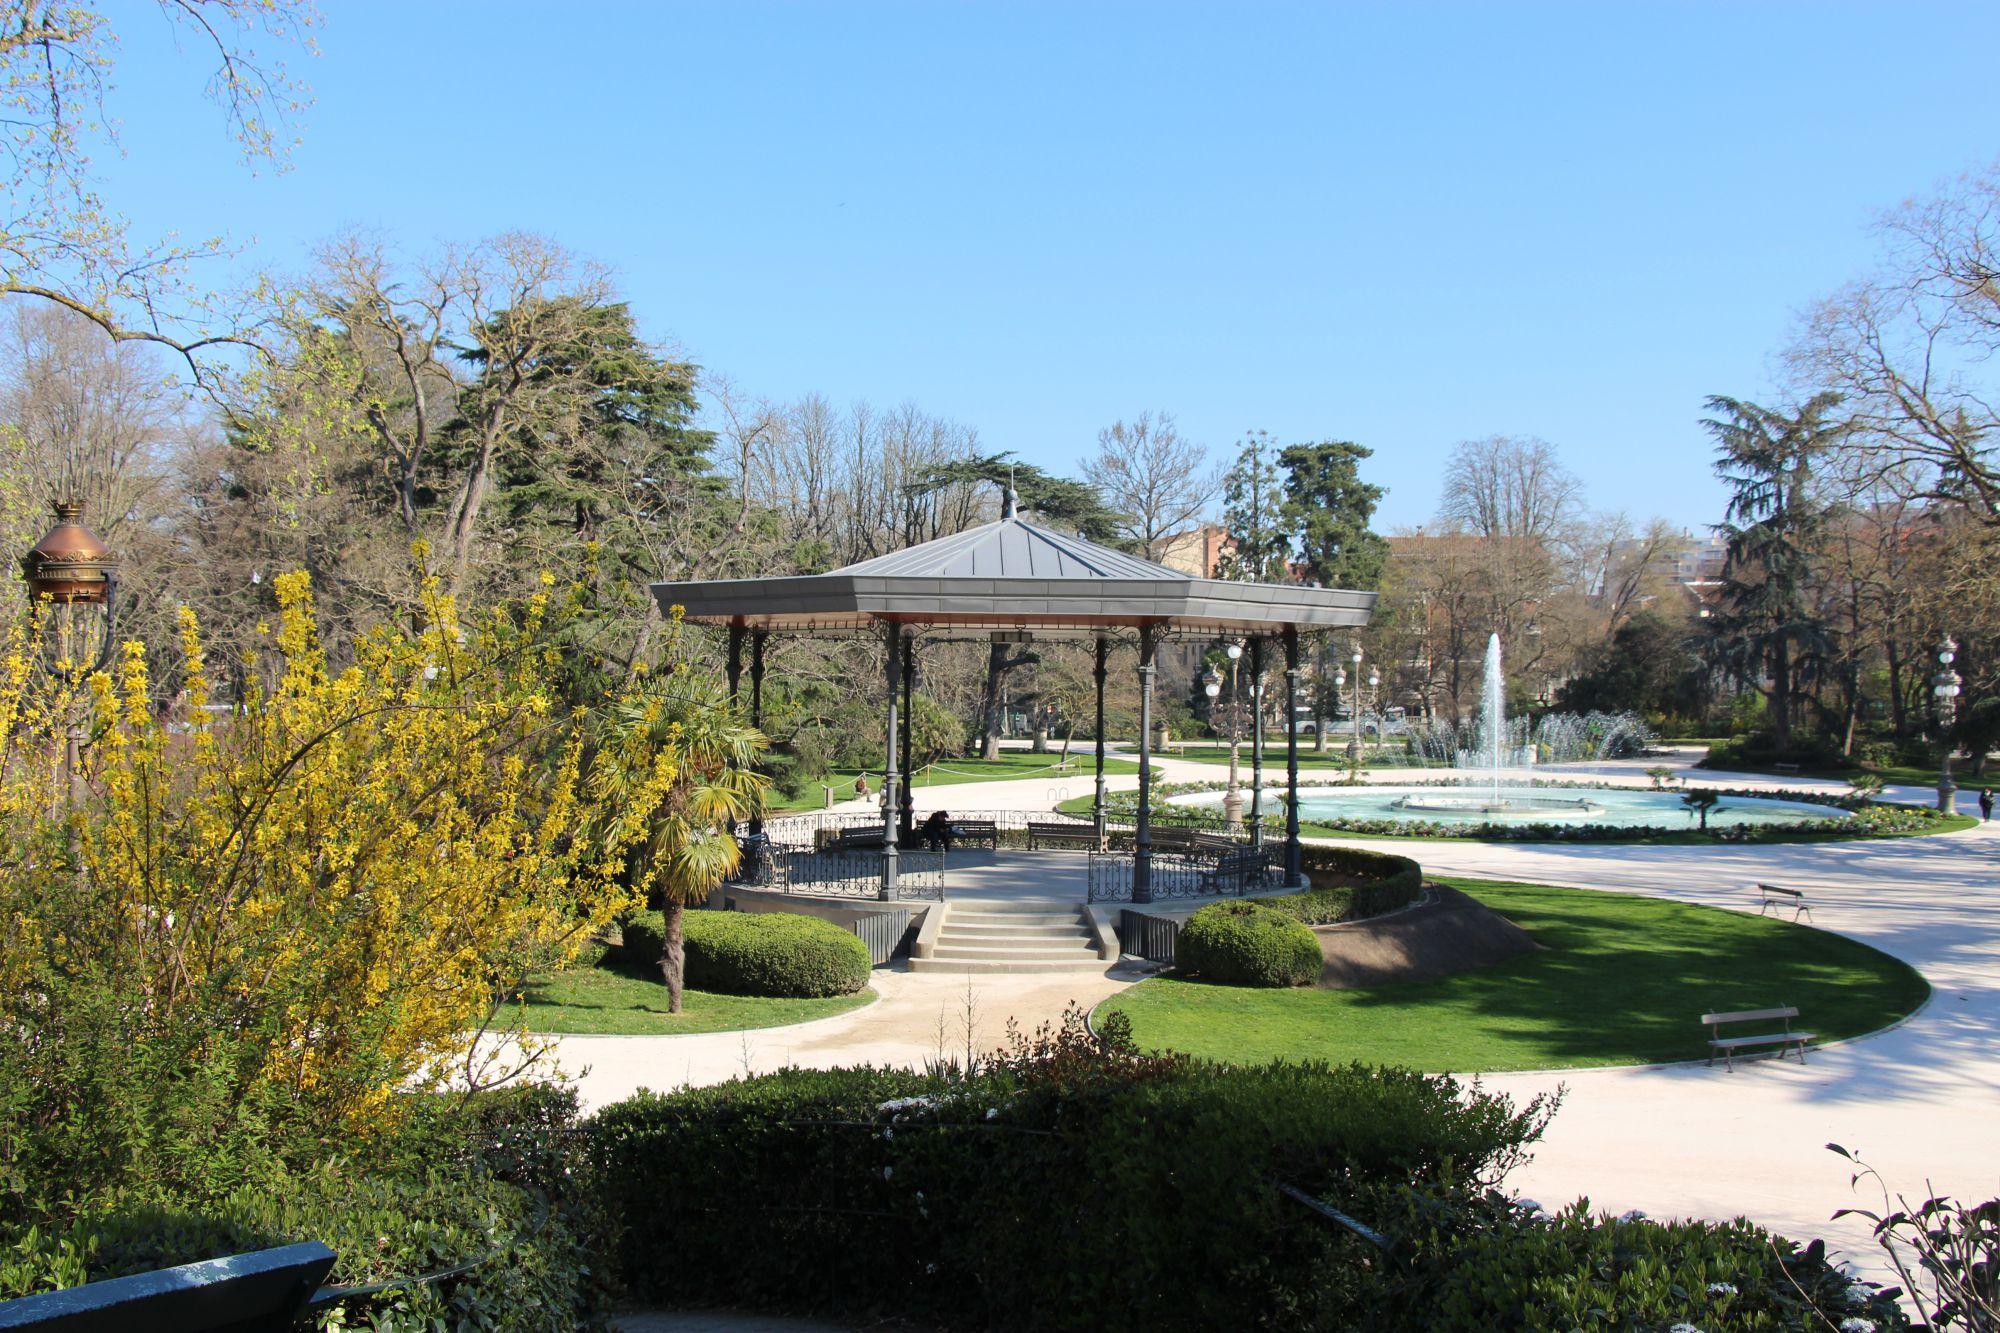 Fl ner dans les grands parcs de toulouse les couleurs du vent maison d 39 h tes et de partage for Jardin grand rond toulouse